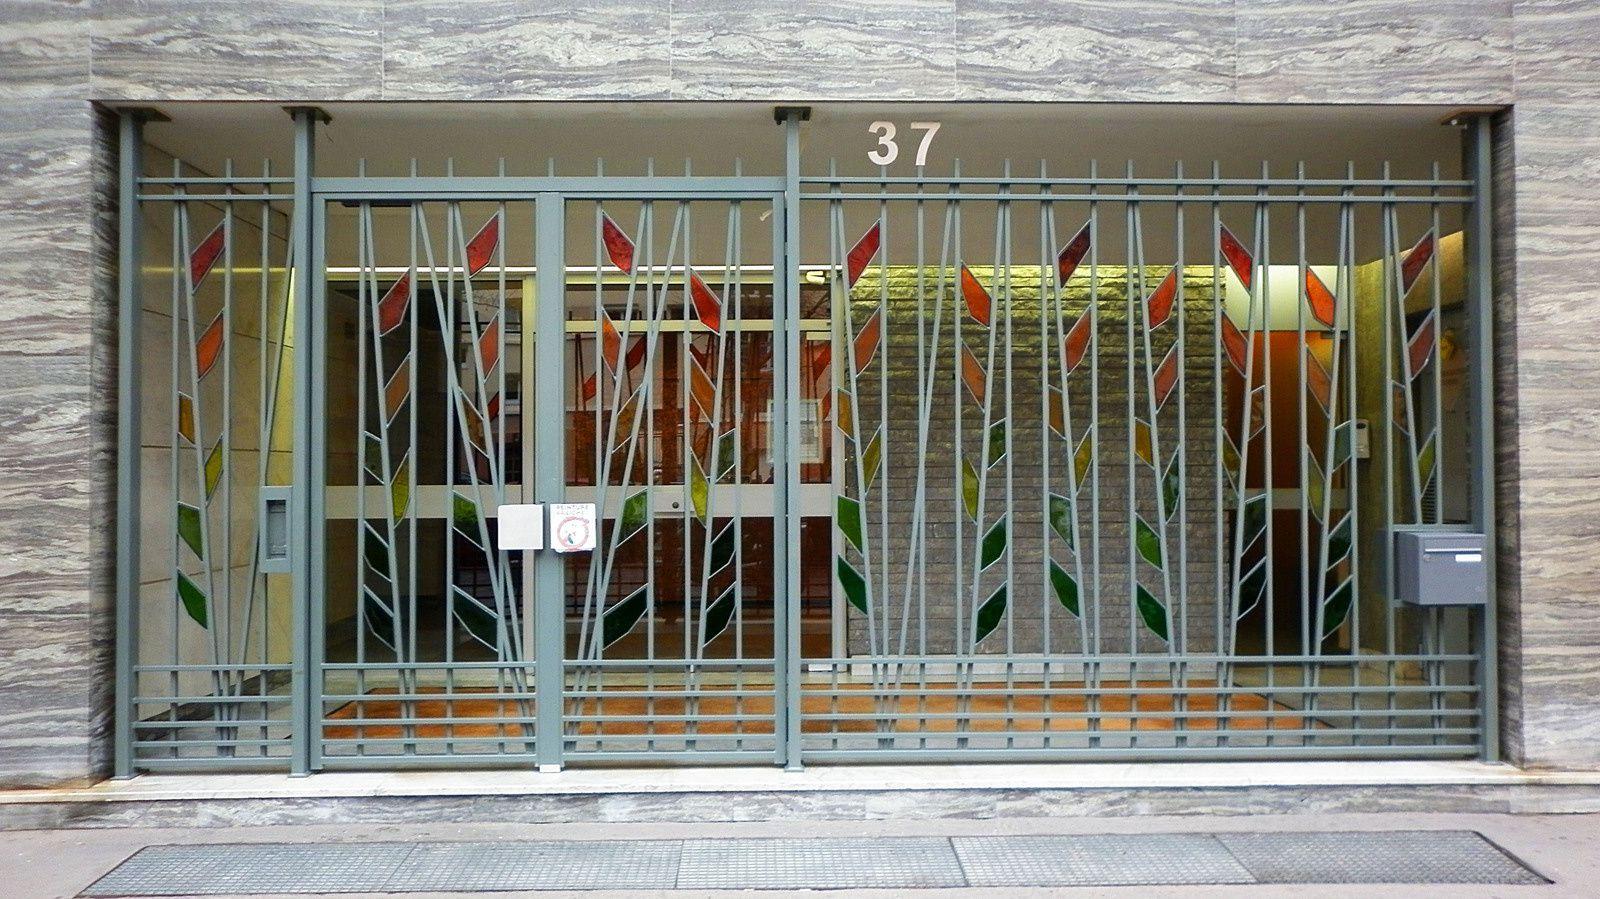 Vitrail - Dalles de verre en insertion dans une grille ornementale